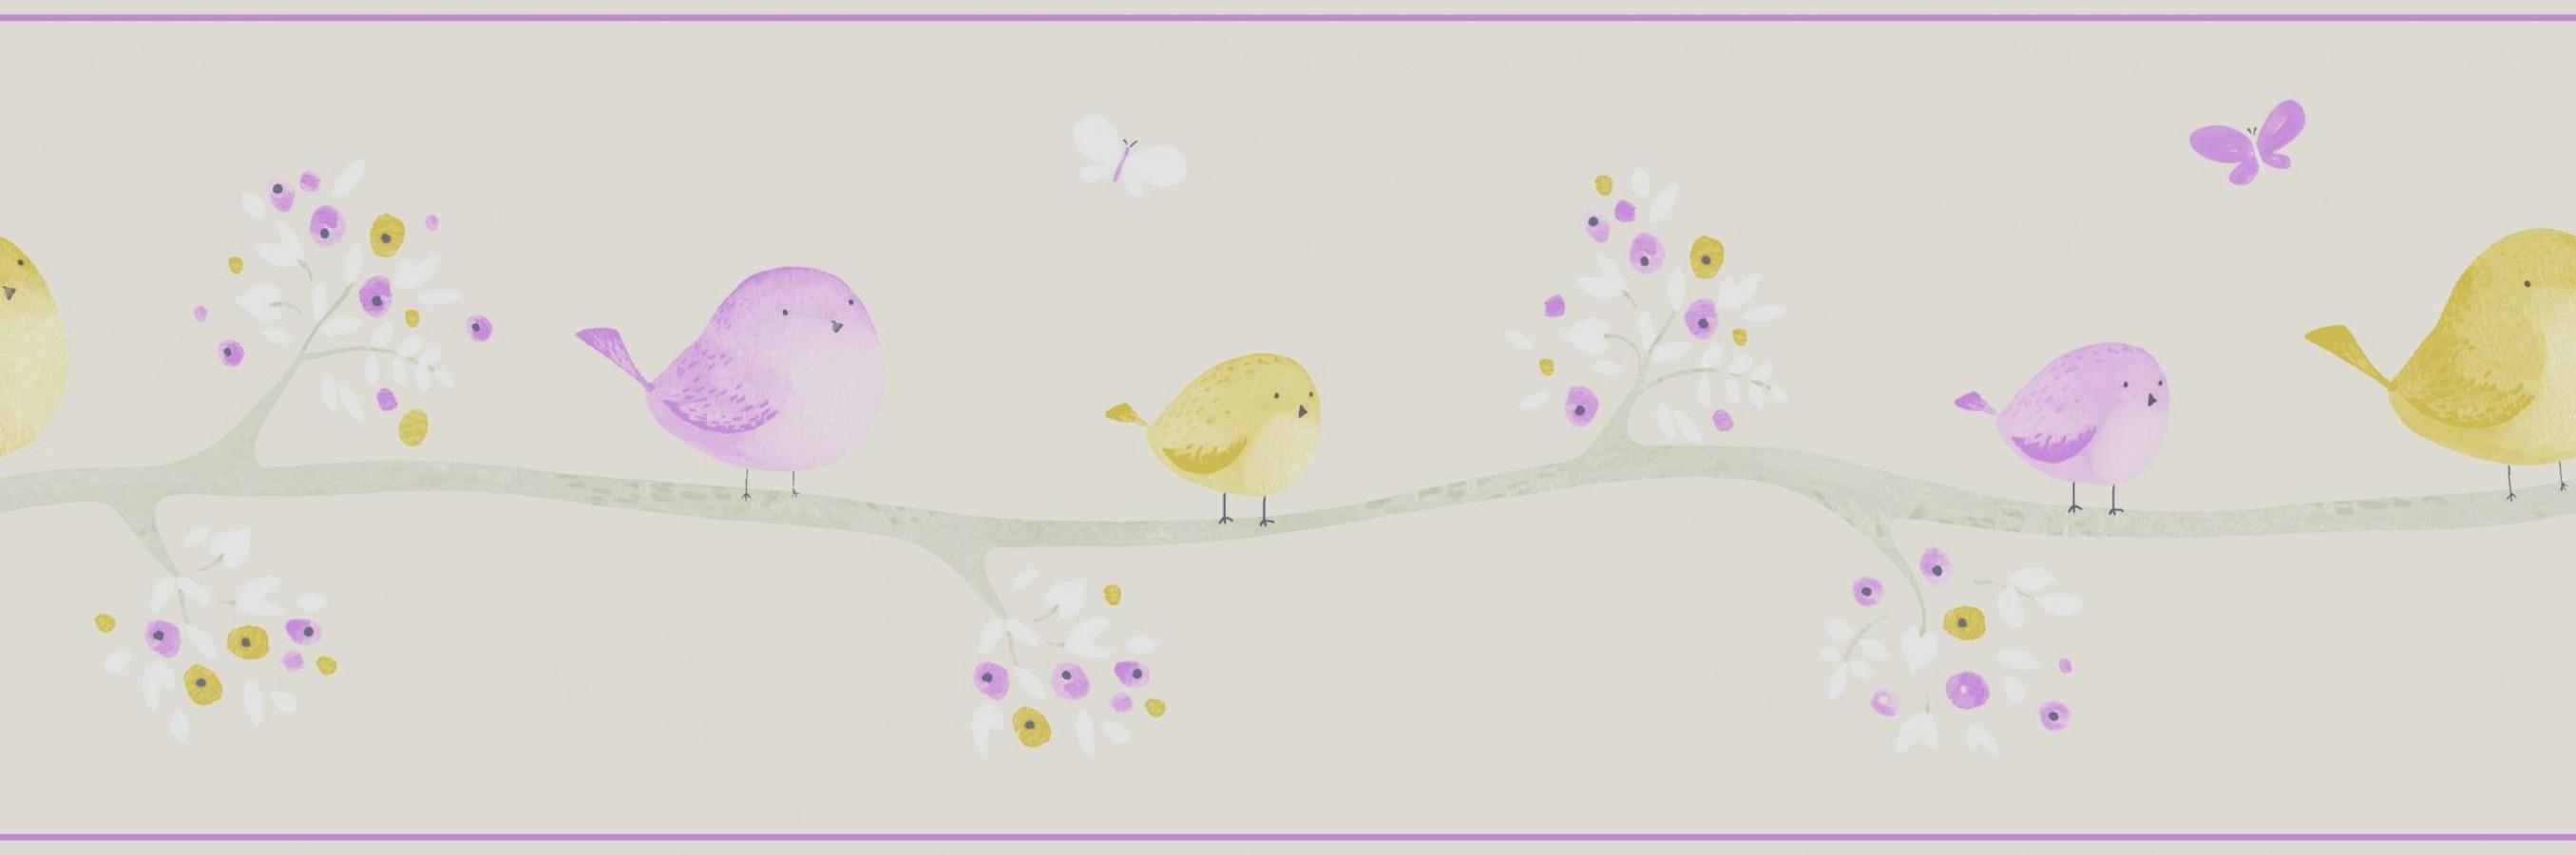 Cenefa casadeco my little world mlw 2985 52 12 29855212 - Cenefas de papel pintado ...